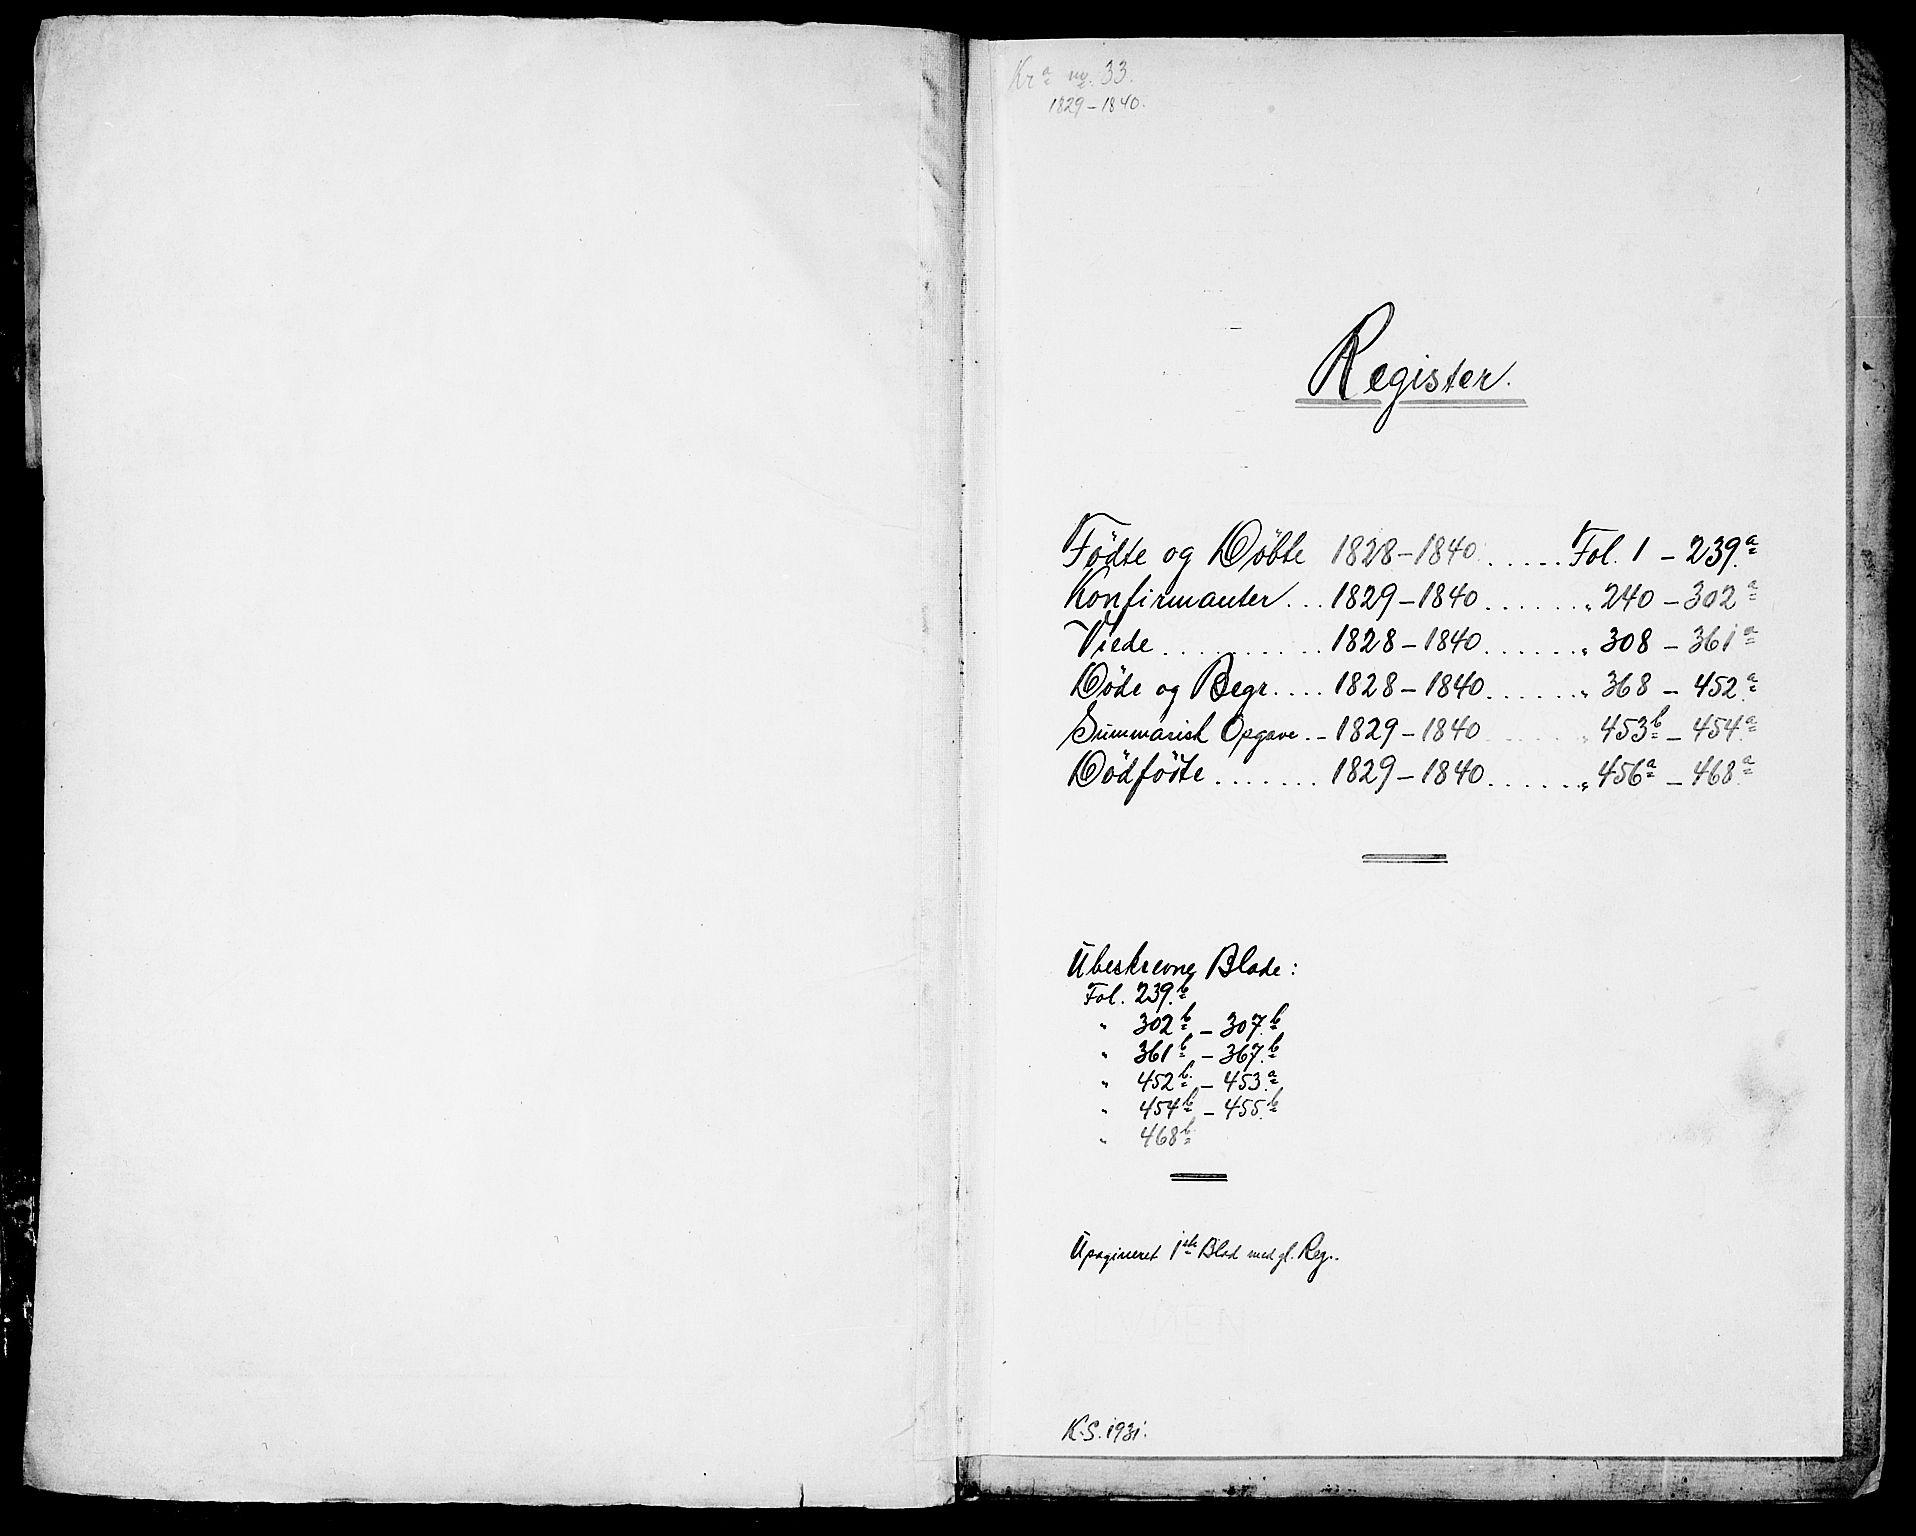 SAO, Garnisonsmenigheten Kirkebøker, G/Ga/L0004: Klokkerbok nr. 4, 1828-1840